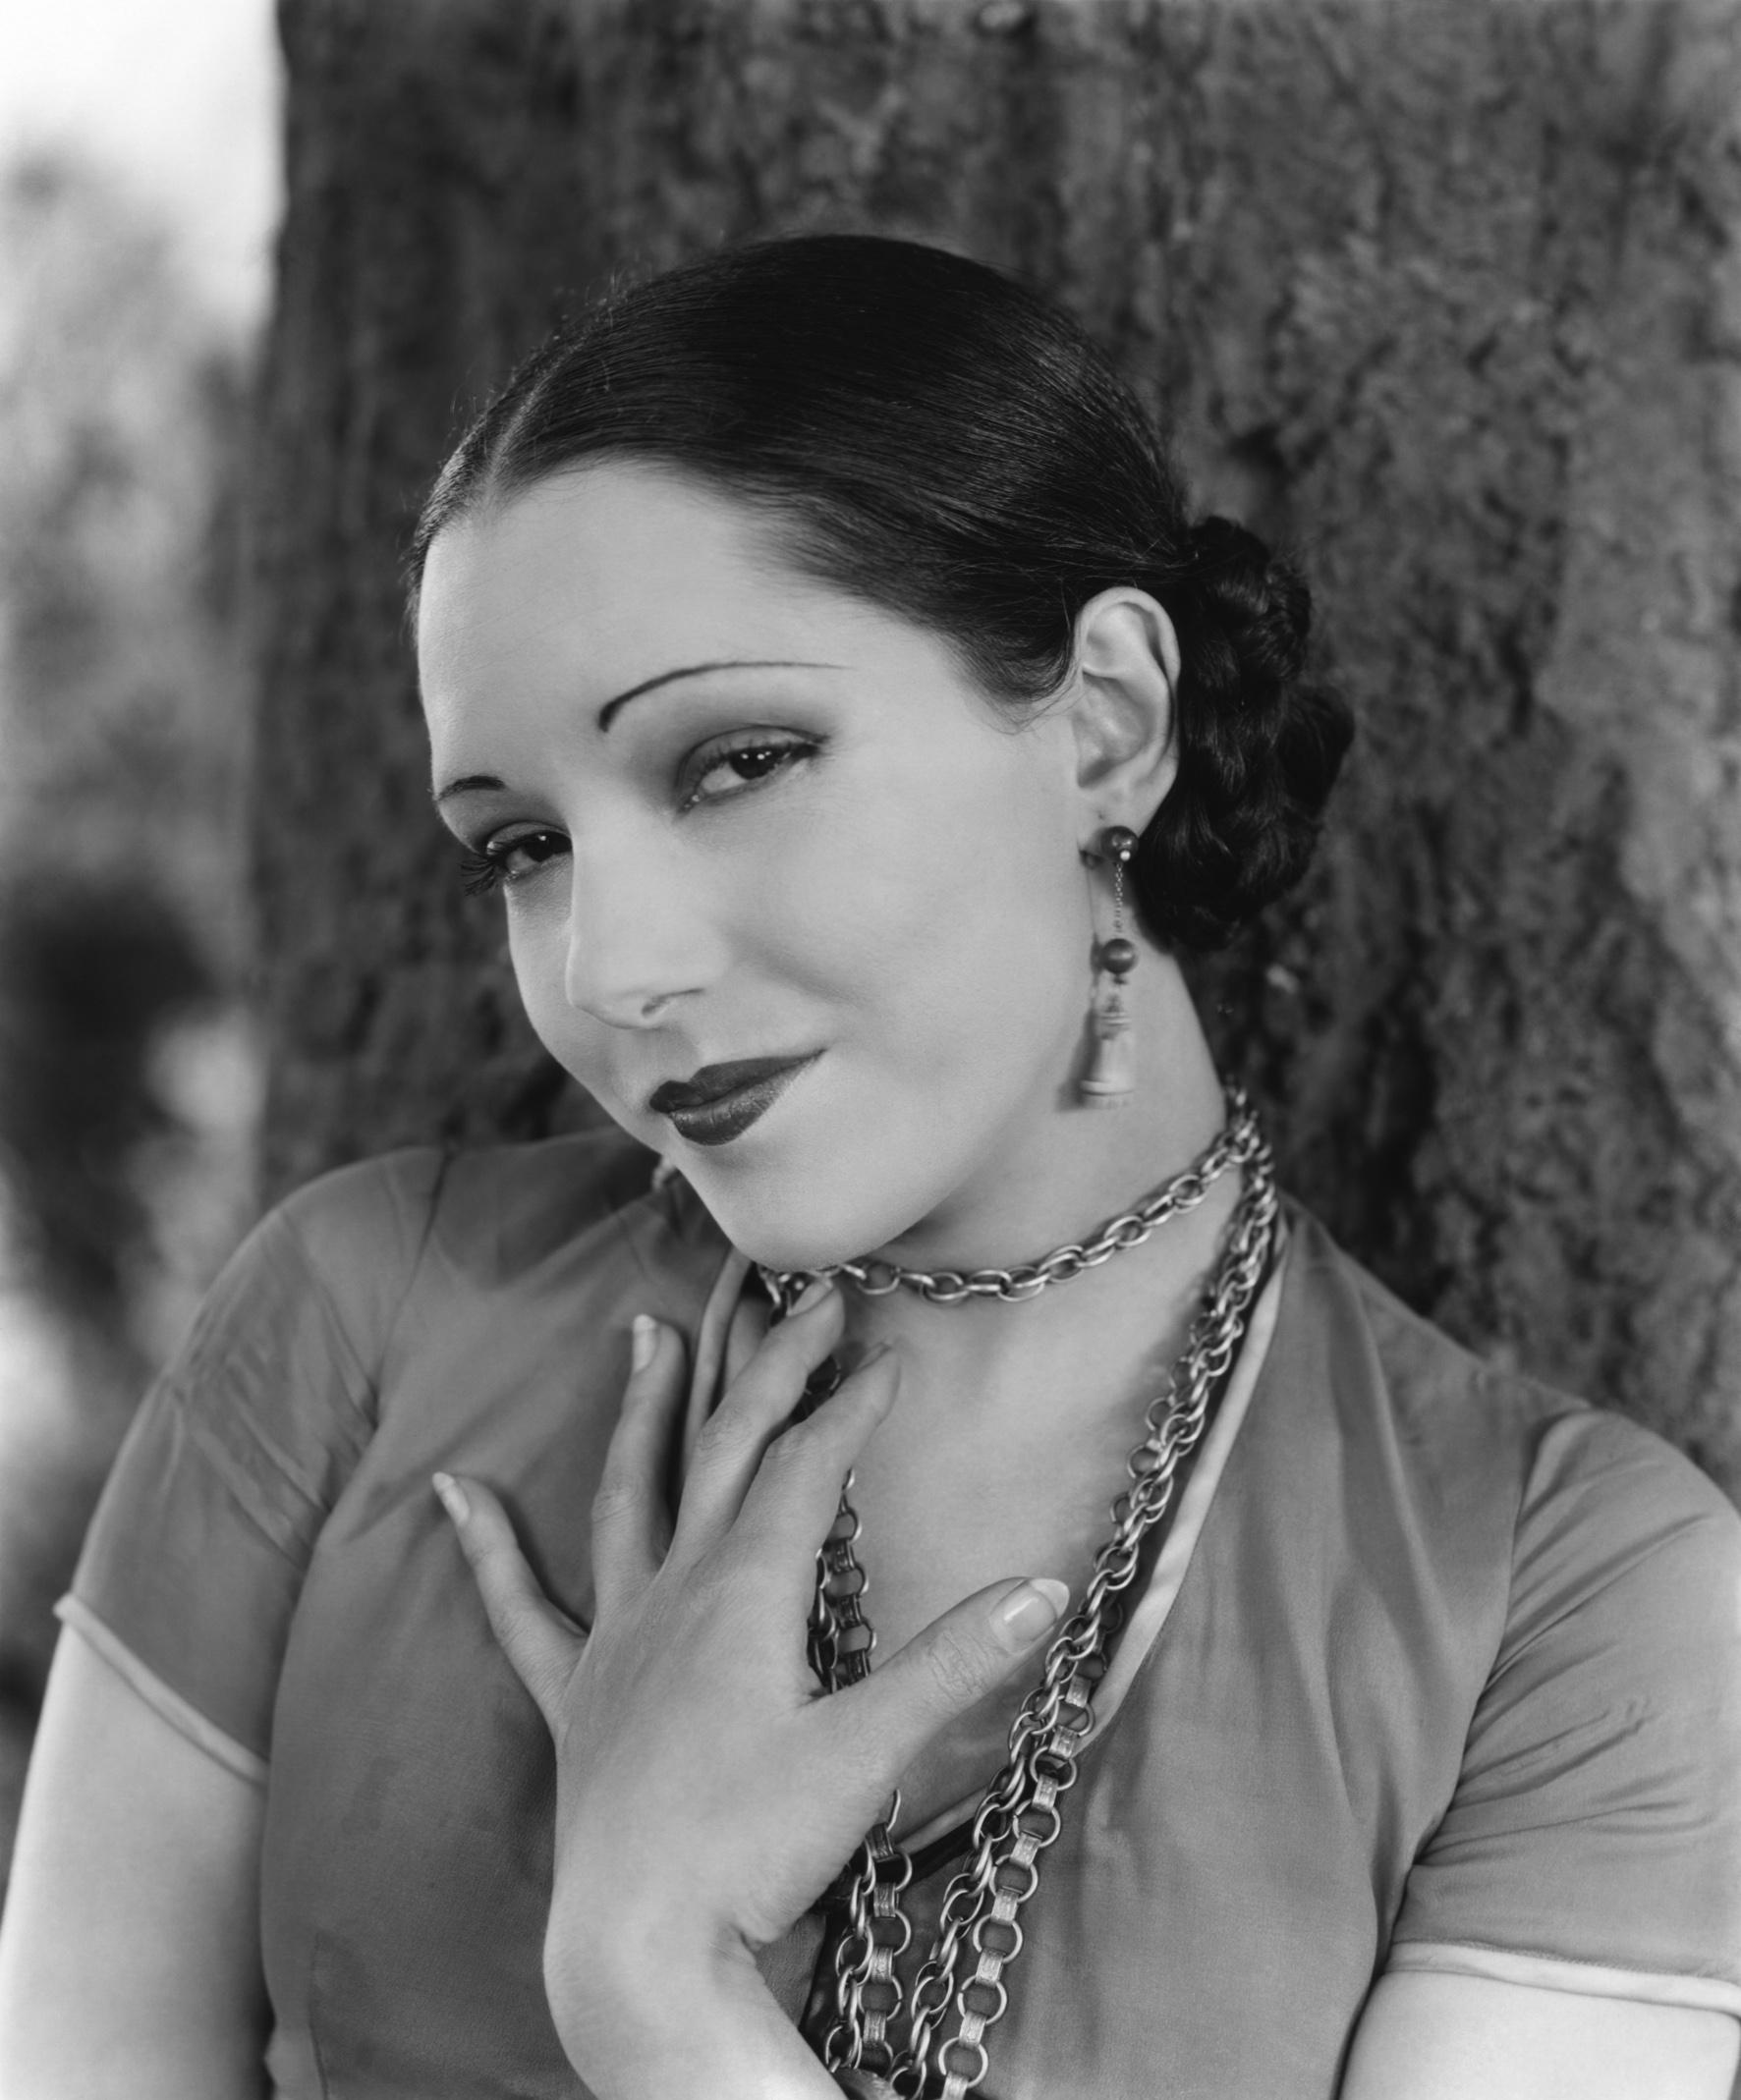 María Guadalupe Villalobos Vélez (San Luis Potosí, 18 de julio de 1908 — Beverly Hills, 13 de diciembre de 1944), fue una actriz mexicana. - velez-lupe_01